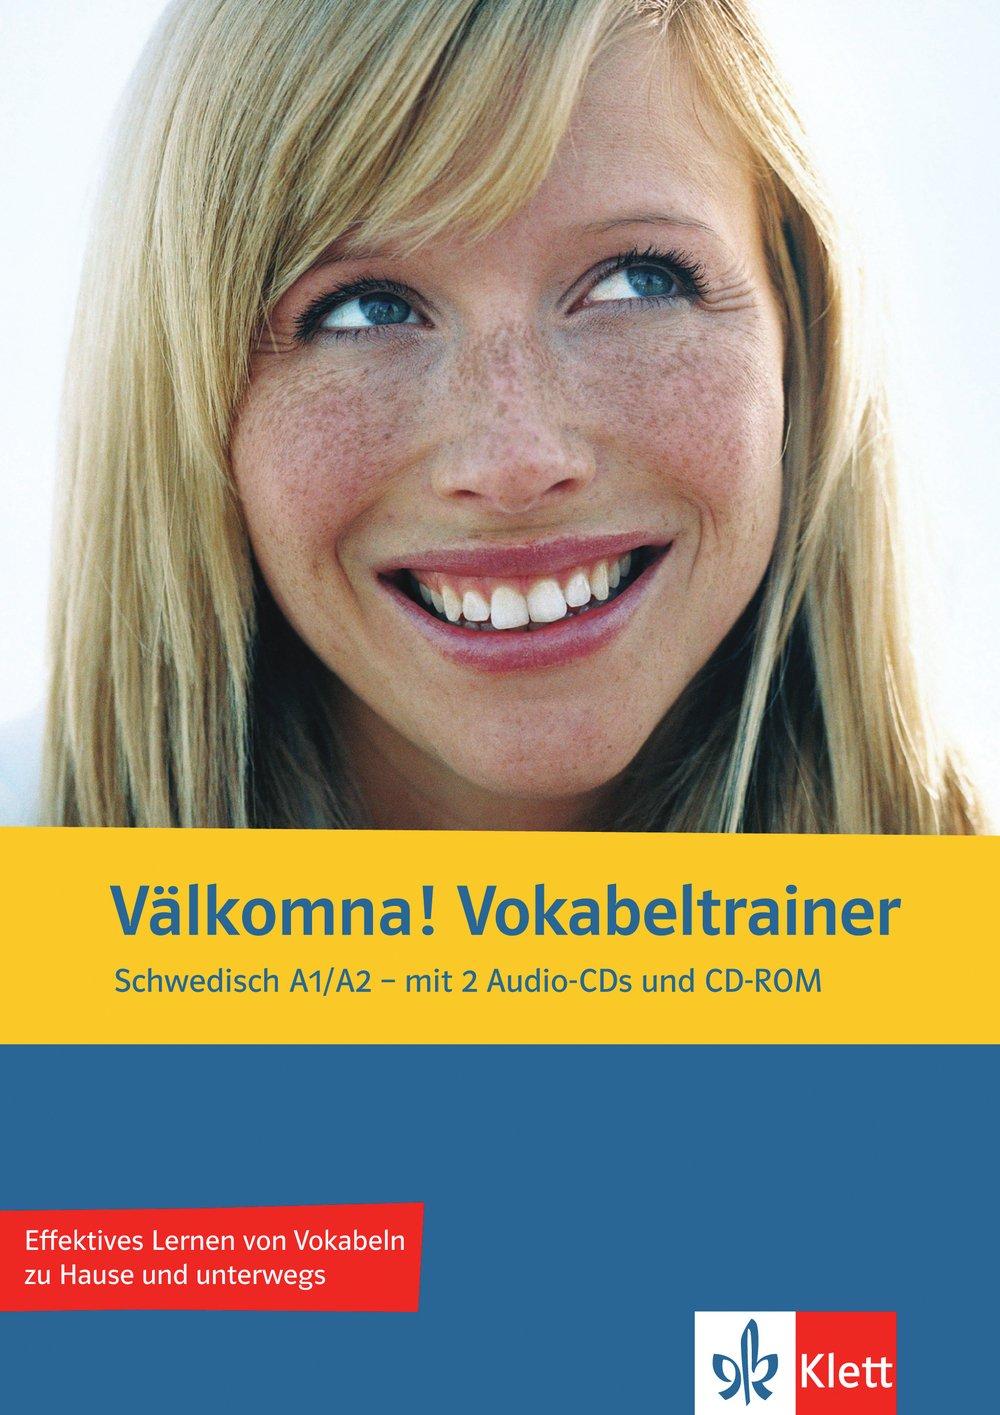 Välkomna! Vokabeltrainer: Schwedisch. Vokabelheft + 2 Audio-CDs + CD-ROM (PC/Mac) (Välkomna! neu / Schwedisch für Anfänger und Fortgeschrittene)